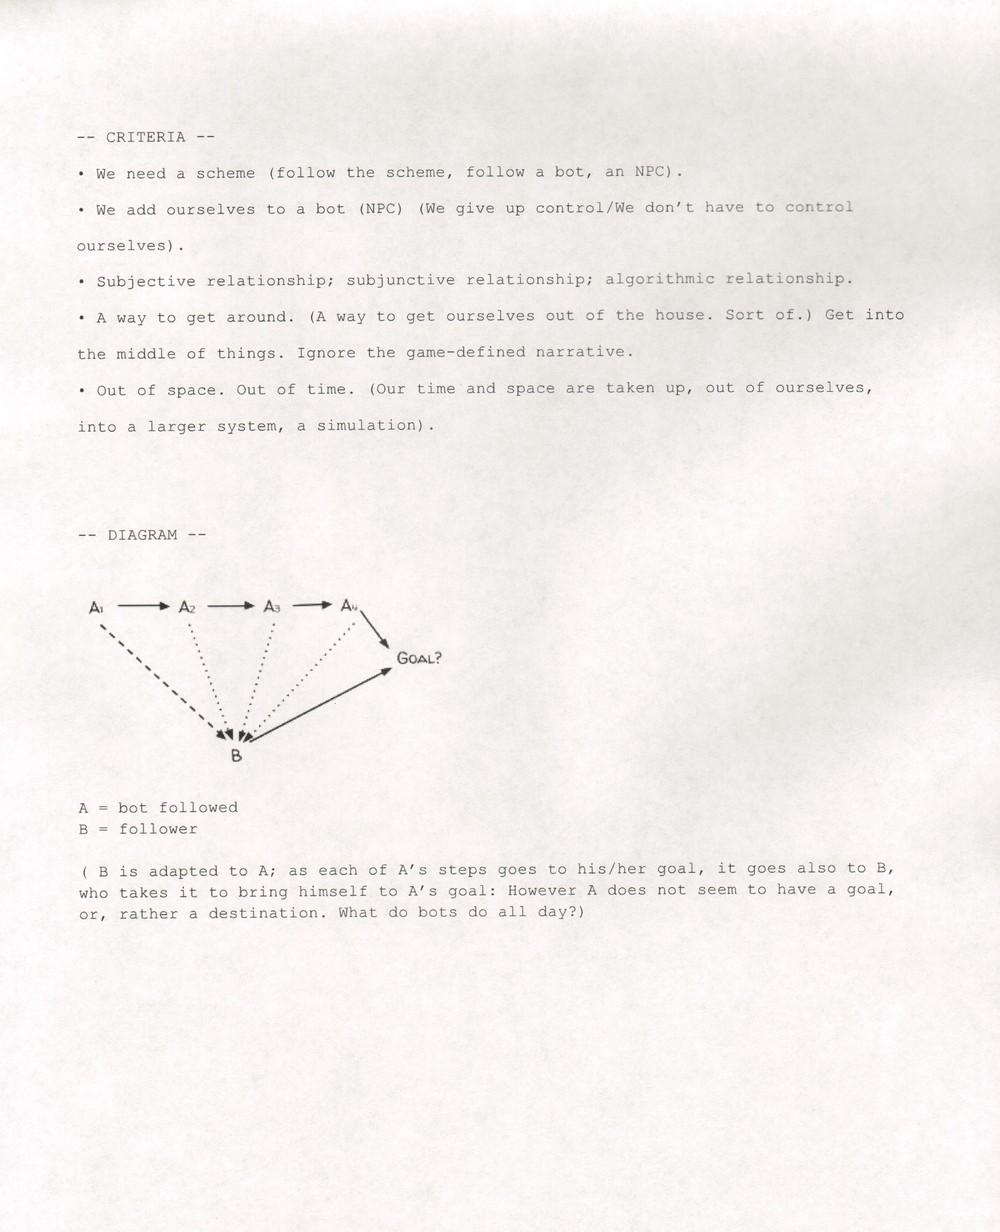 Criteria & Diagram